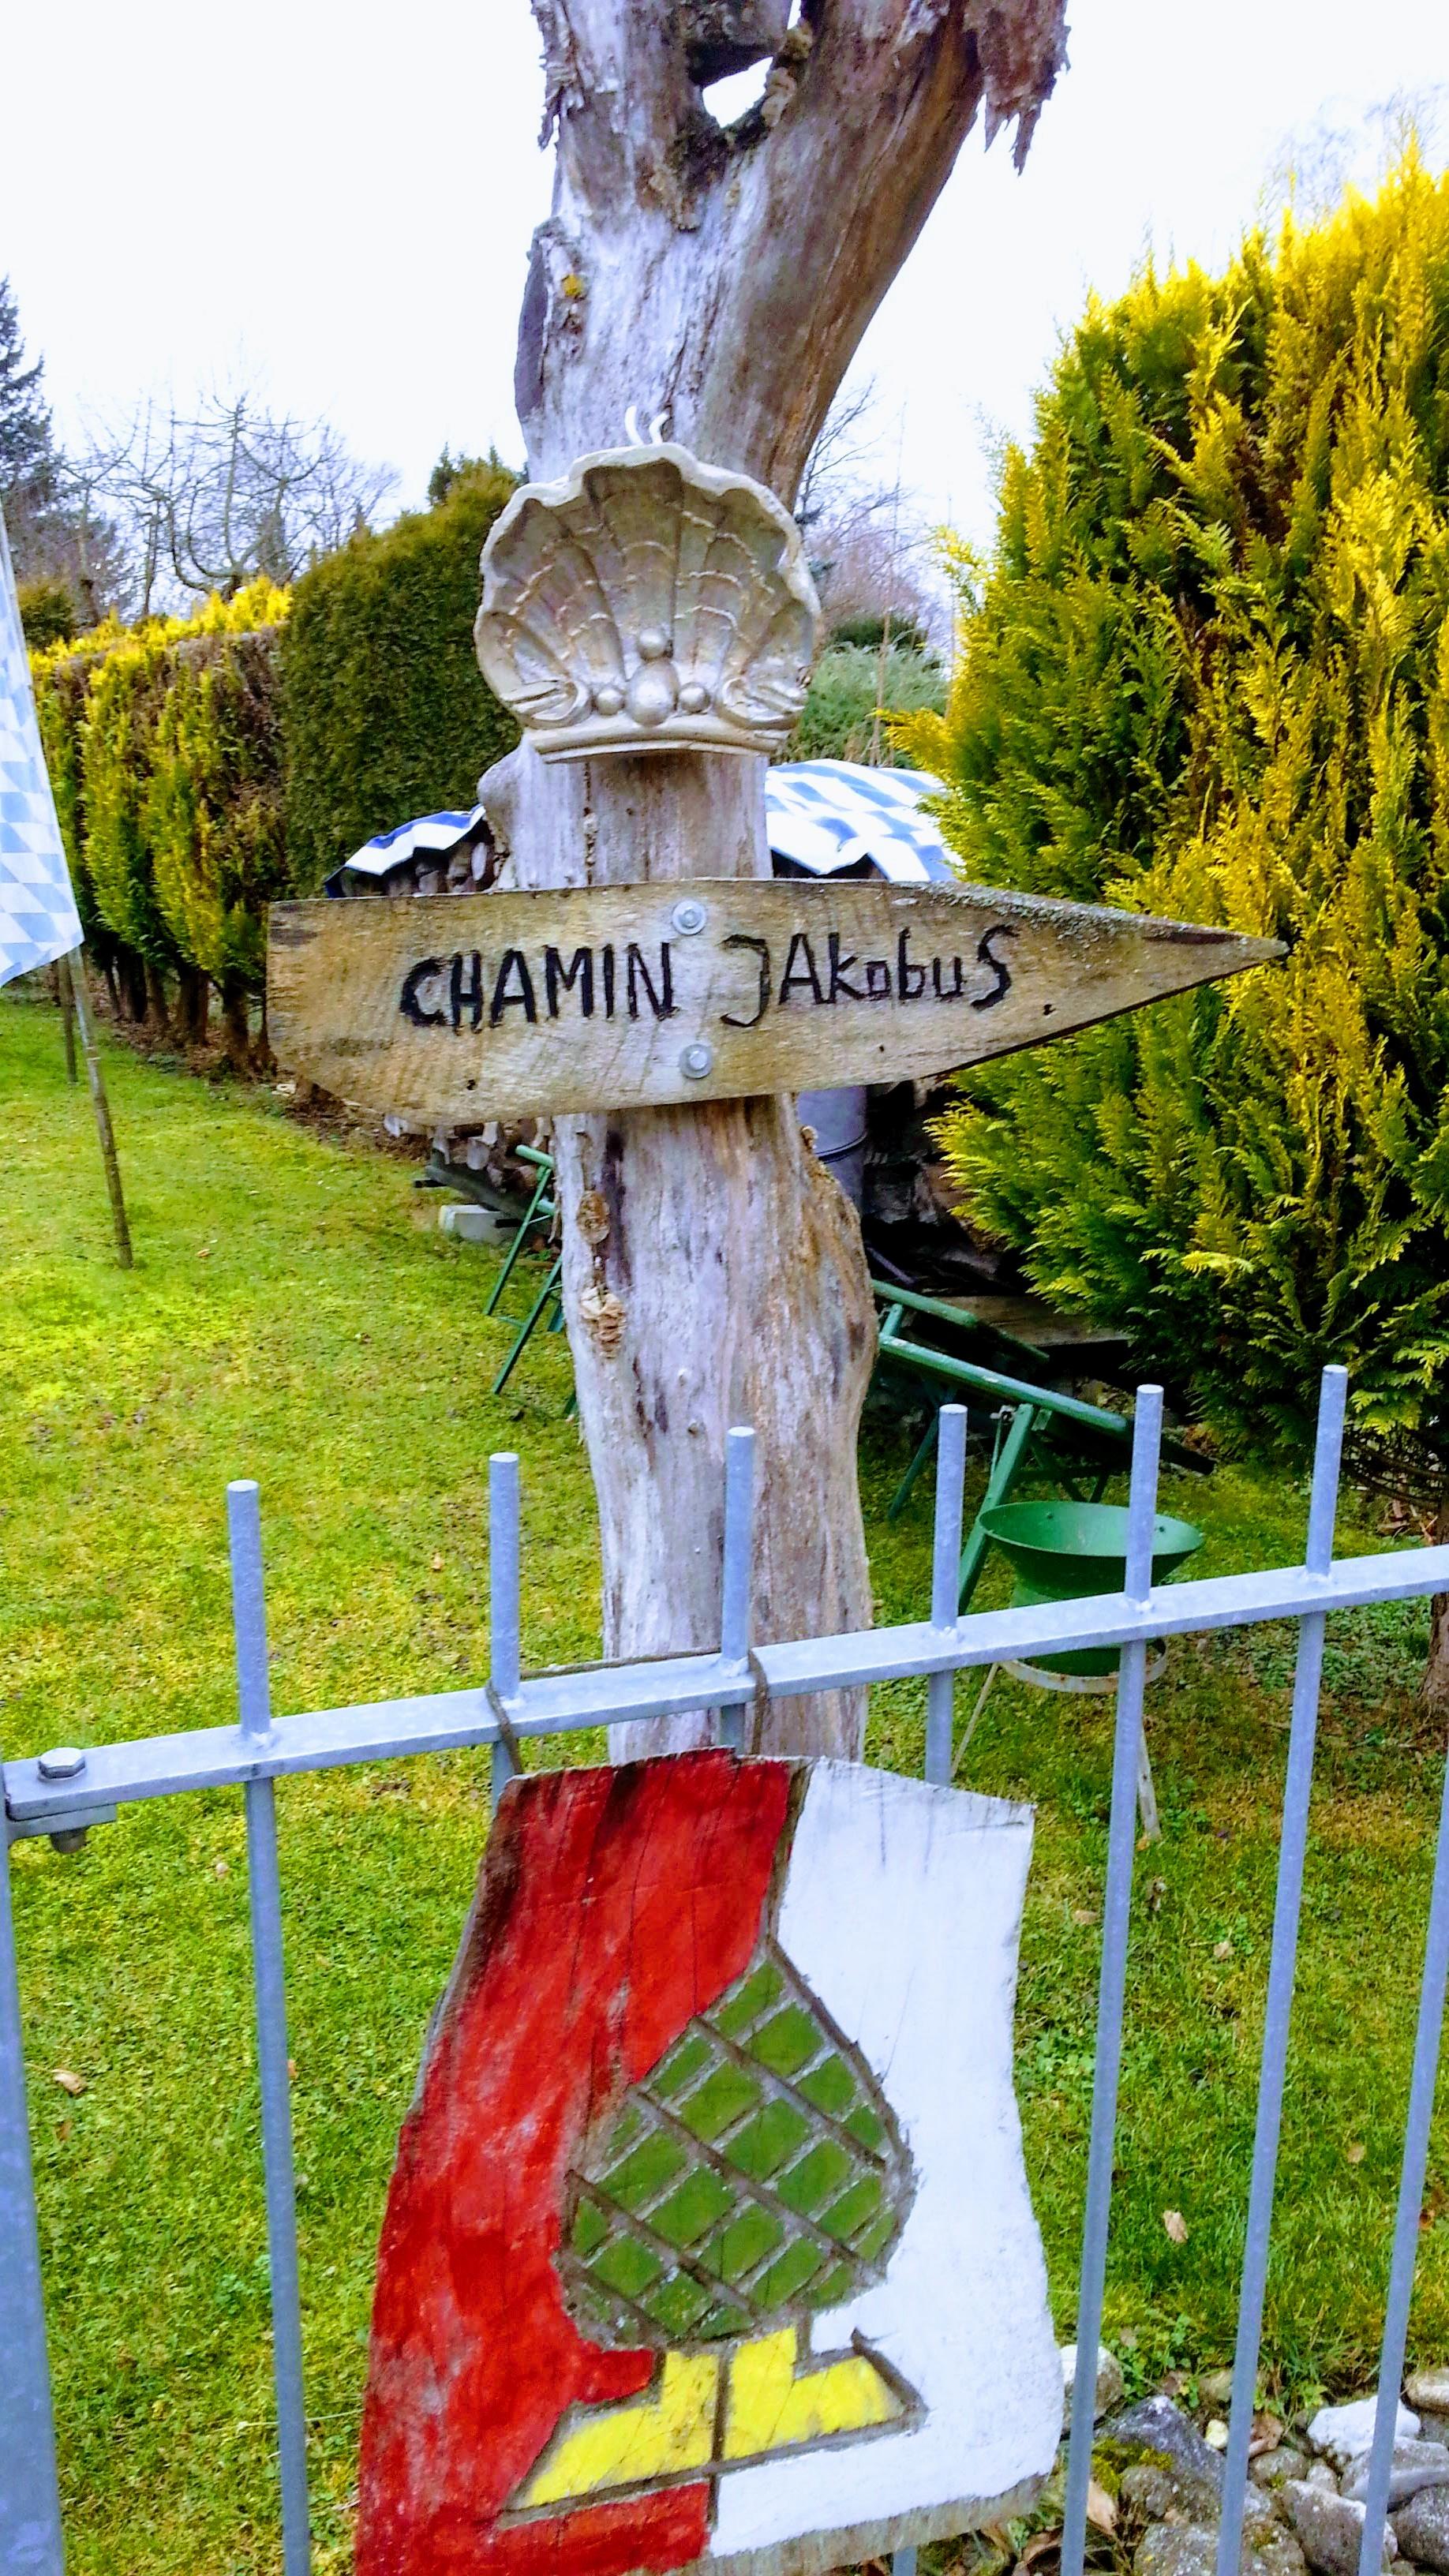 Jakobsweg Wegweiser in einem Garten bei Inningen